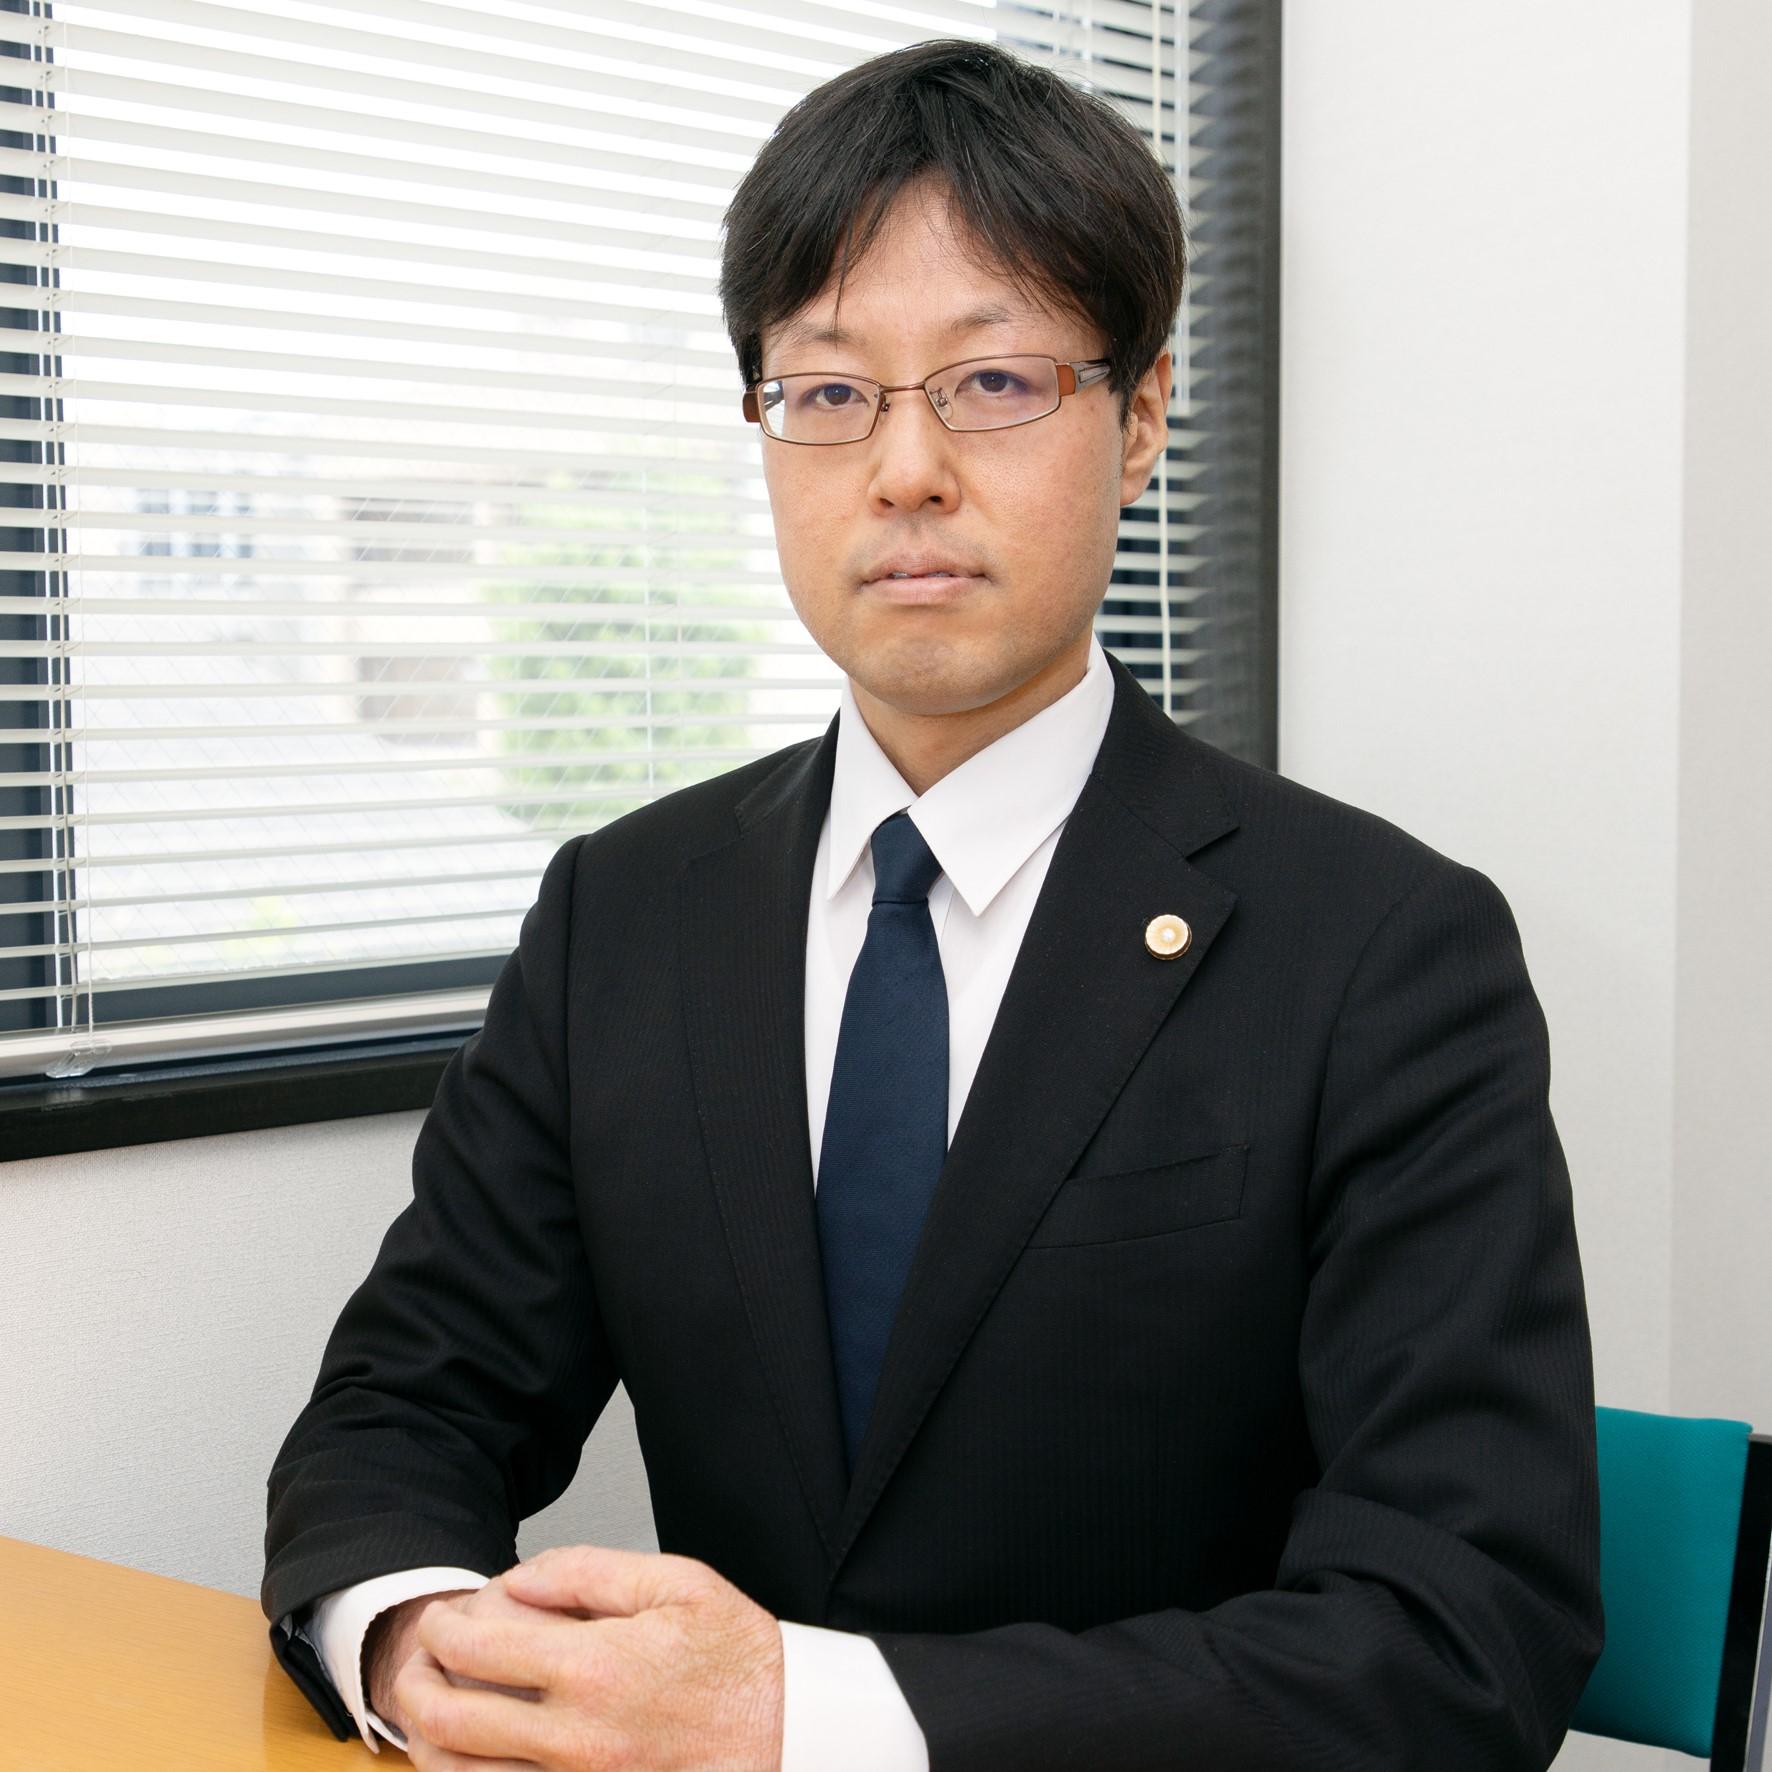 弁護士紹介|太田 圭一